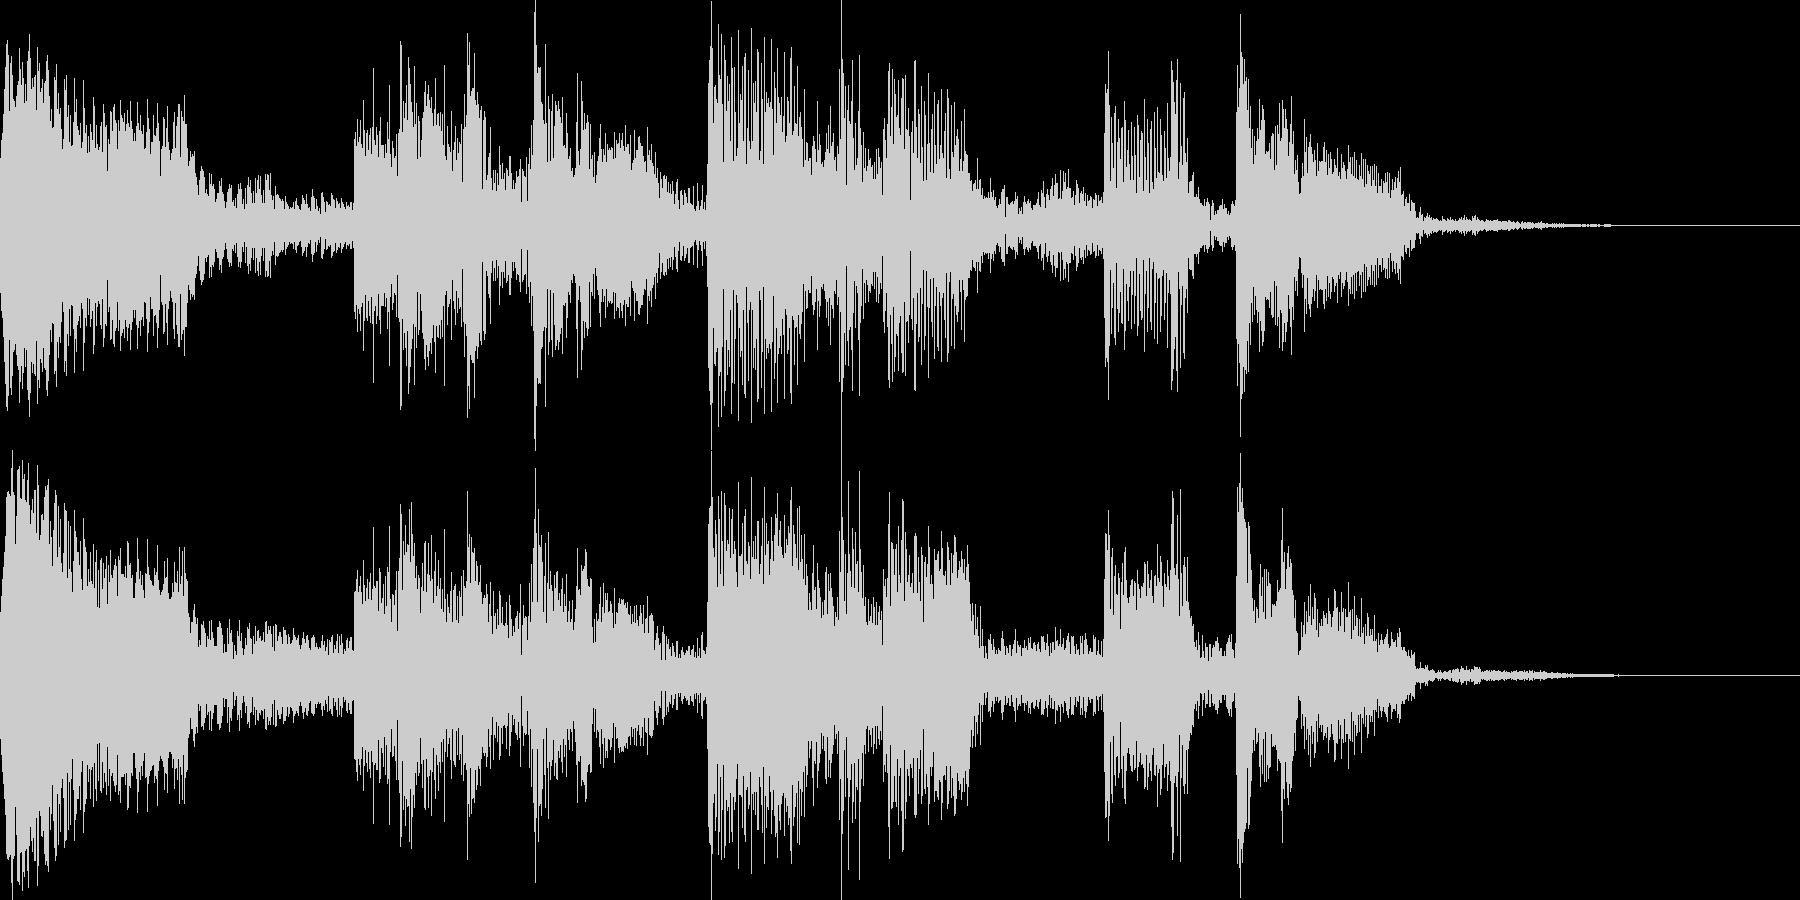 クールなジングル チルアウトの未再生の波形